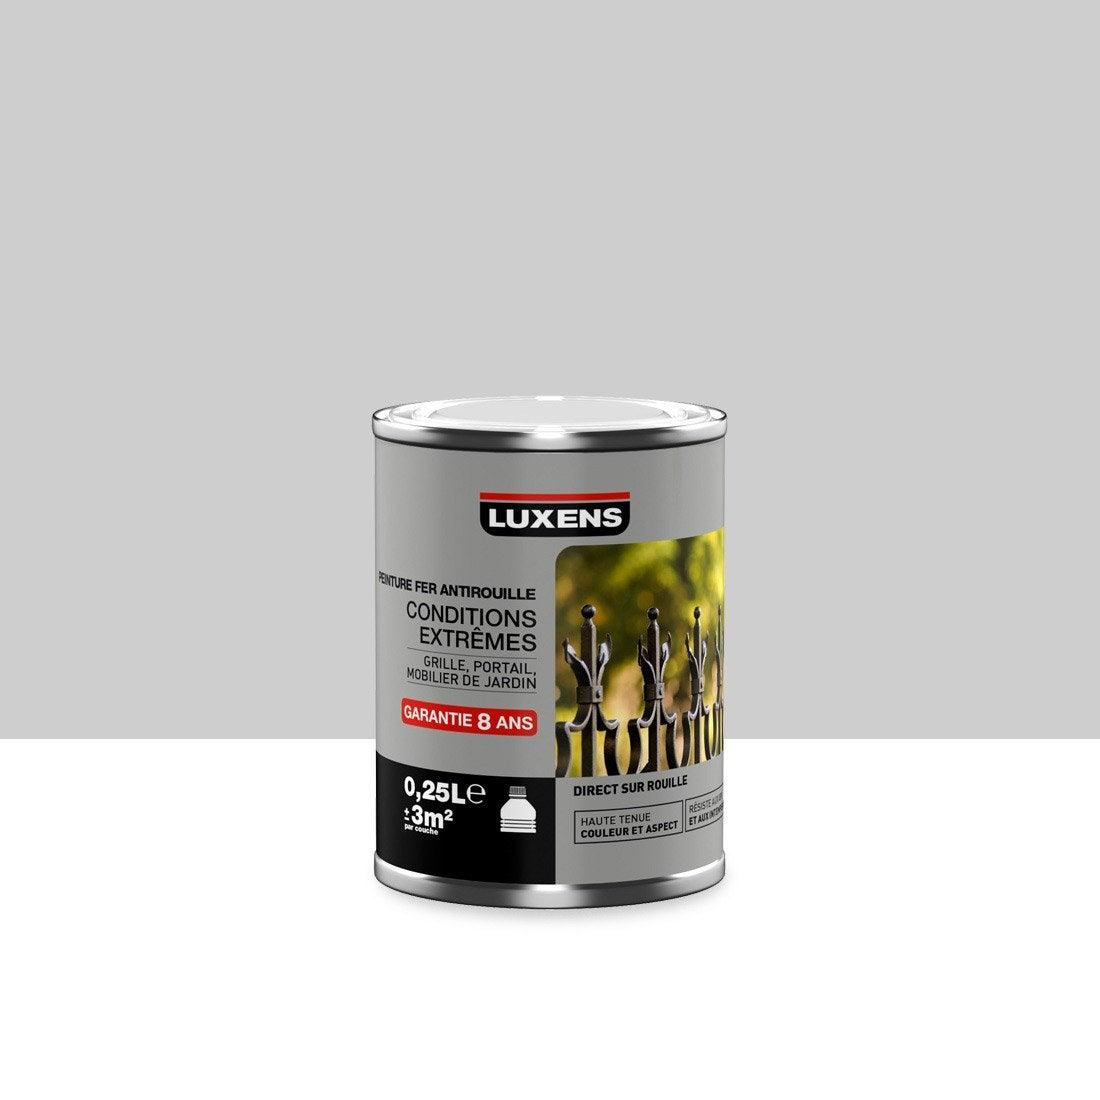 Peinture Fer Extérieur Luxens Argent 025 L Leroy Merlin